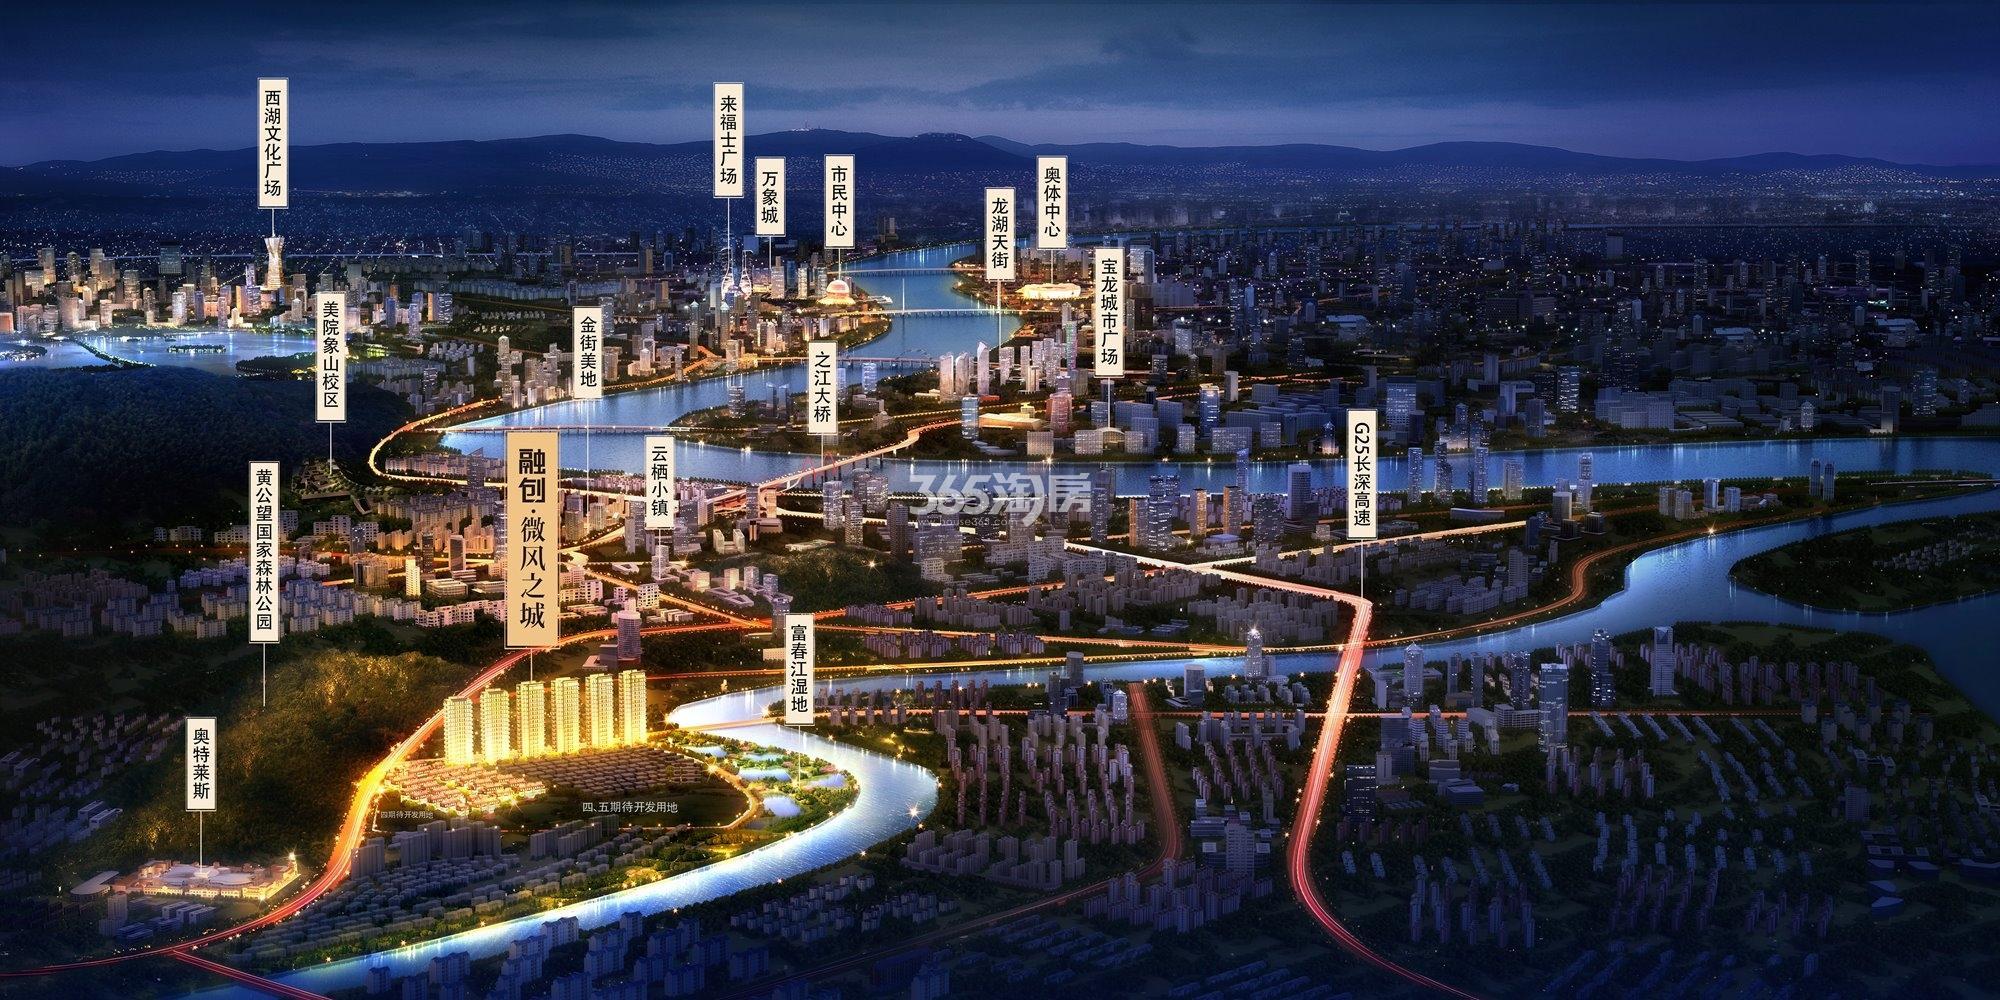 融创微风之城夜景效果图